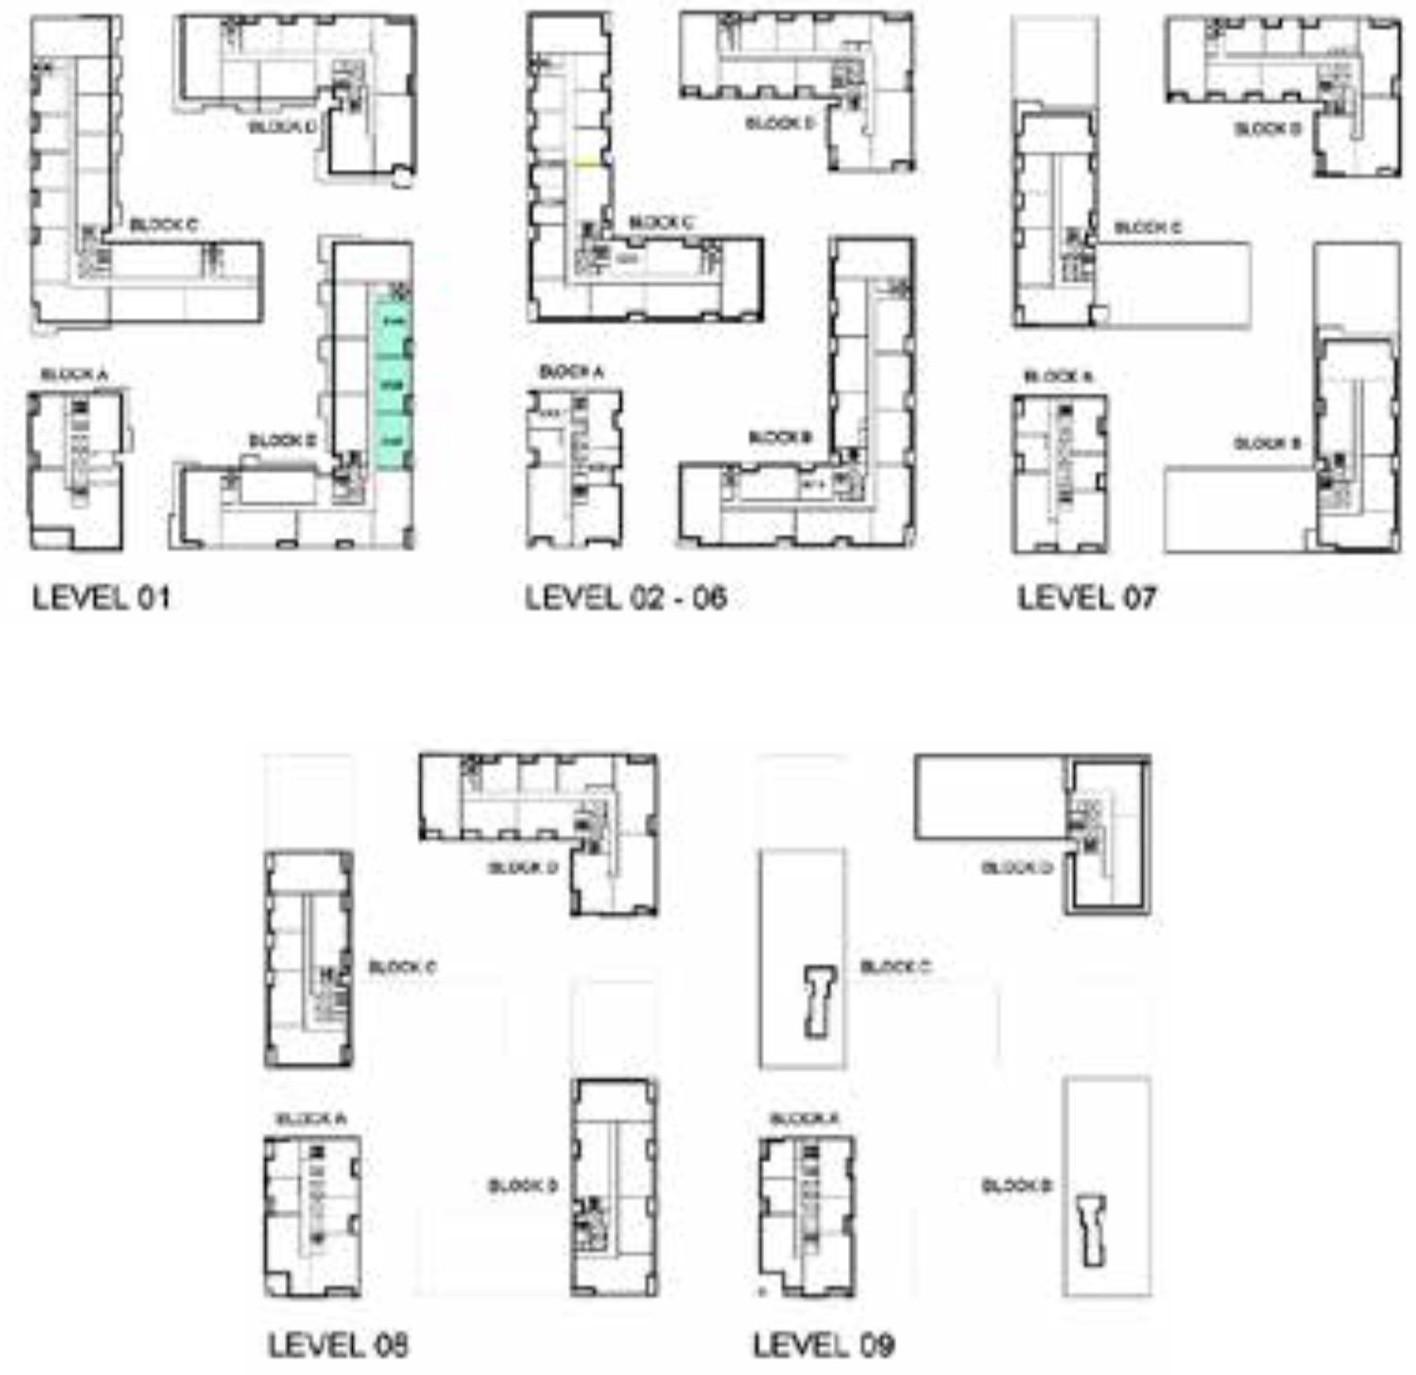 Emaar Park Point Floor Plans 2-Bedroom Apartment